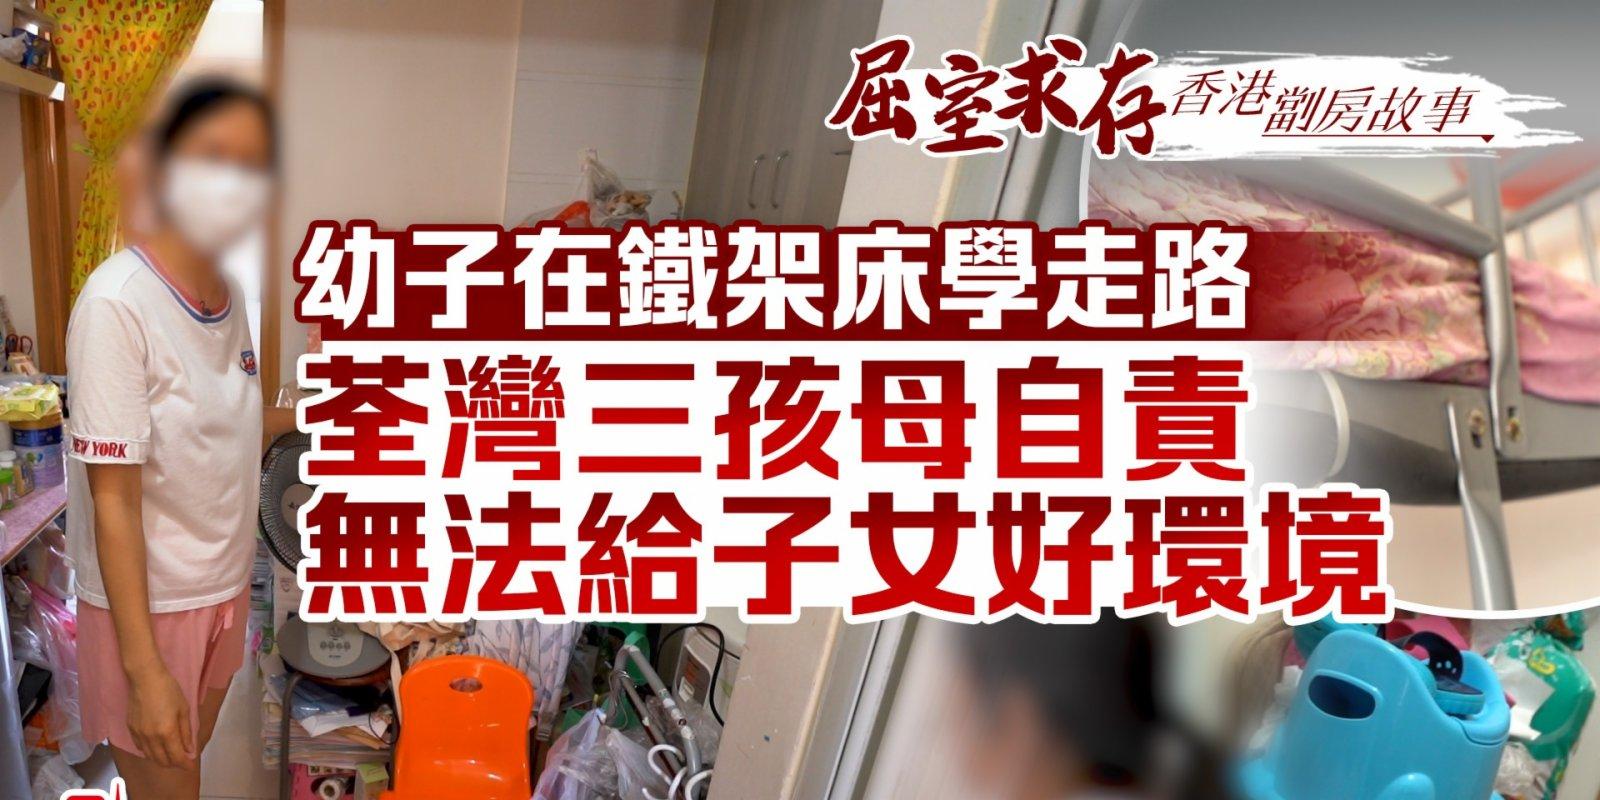 屈室求存 | 幼子在鐵架床學走路 荃灣三孩母自責無法給子女好環境(香港劏房故事)